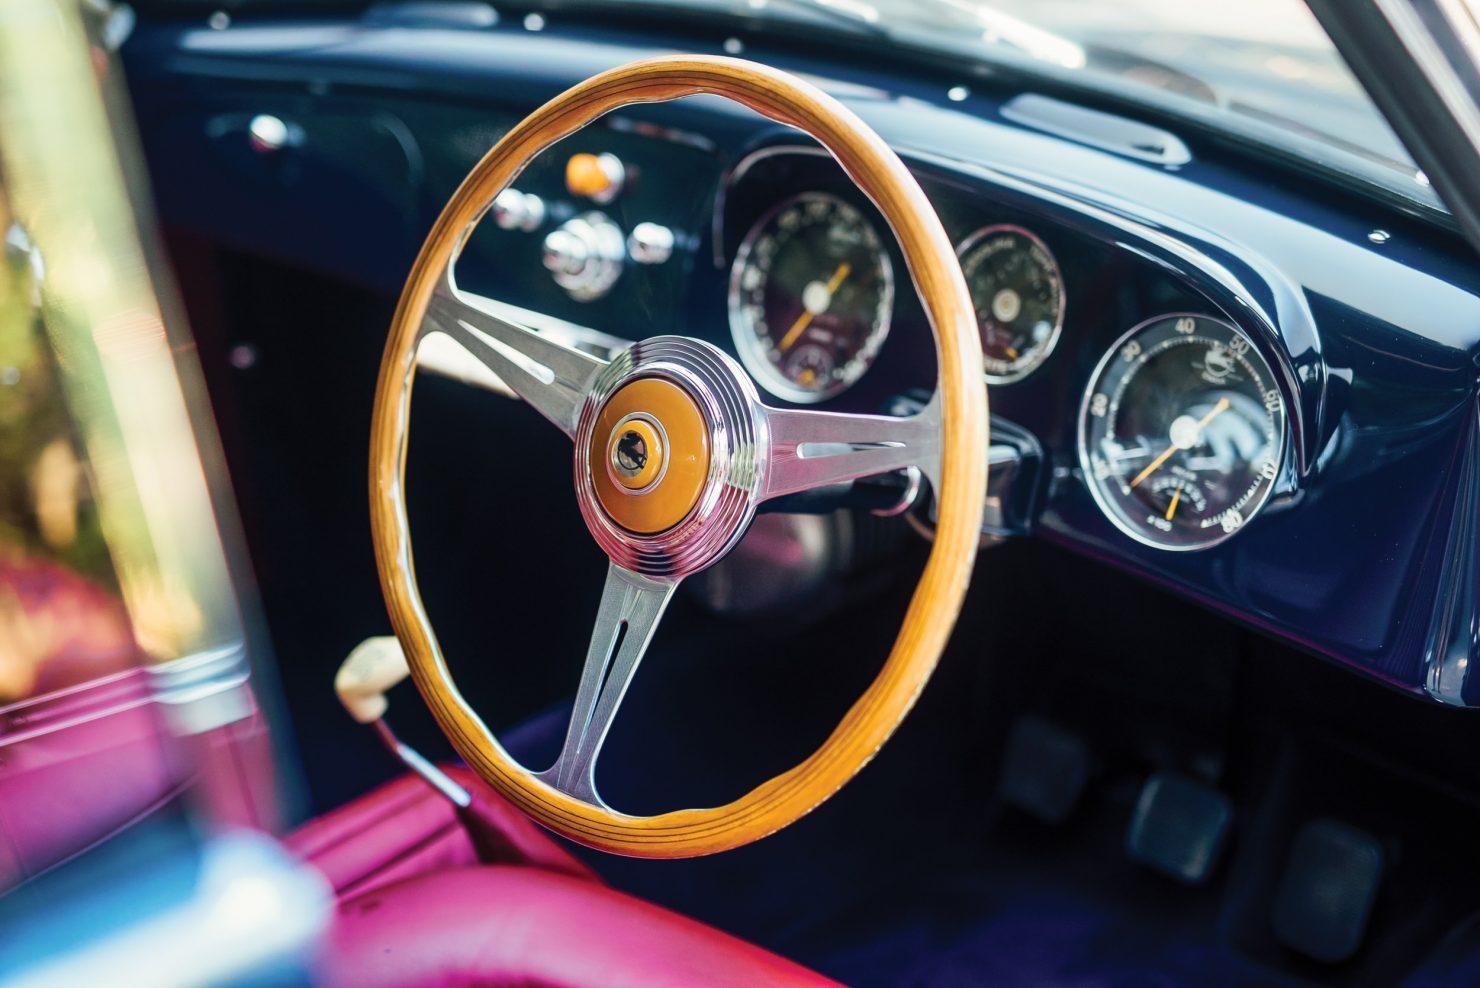 pegaso z 102 car 12 1480x988